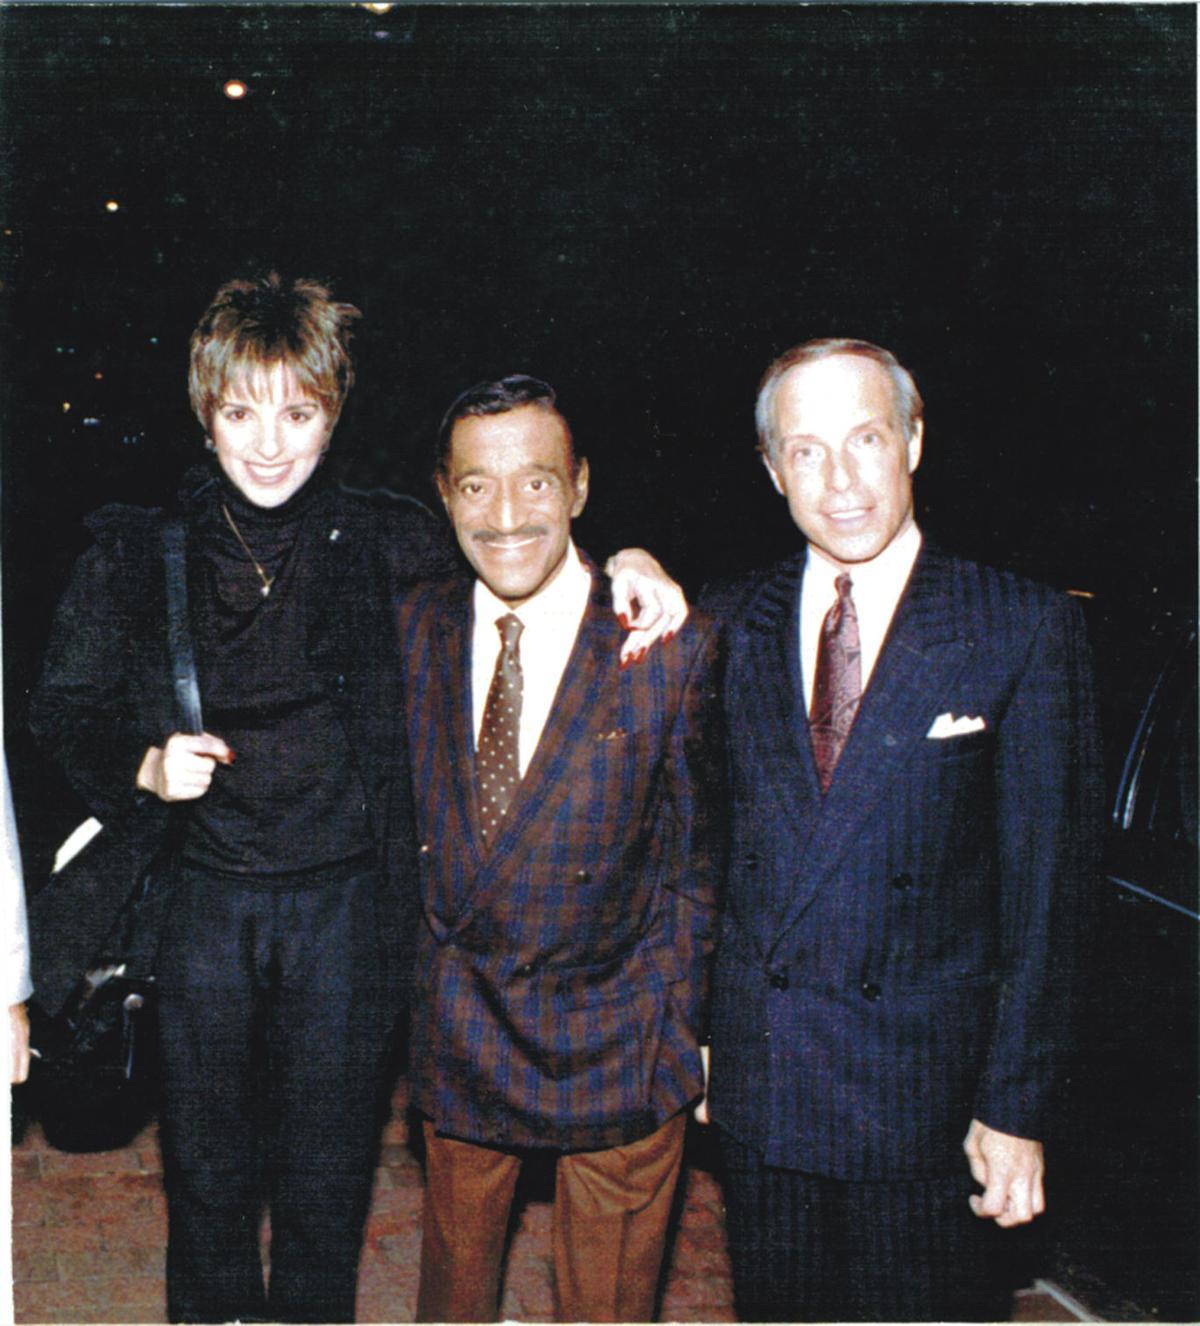 Liza, Sammy, Jerry